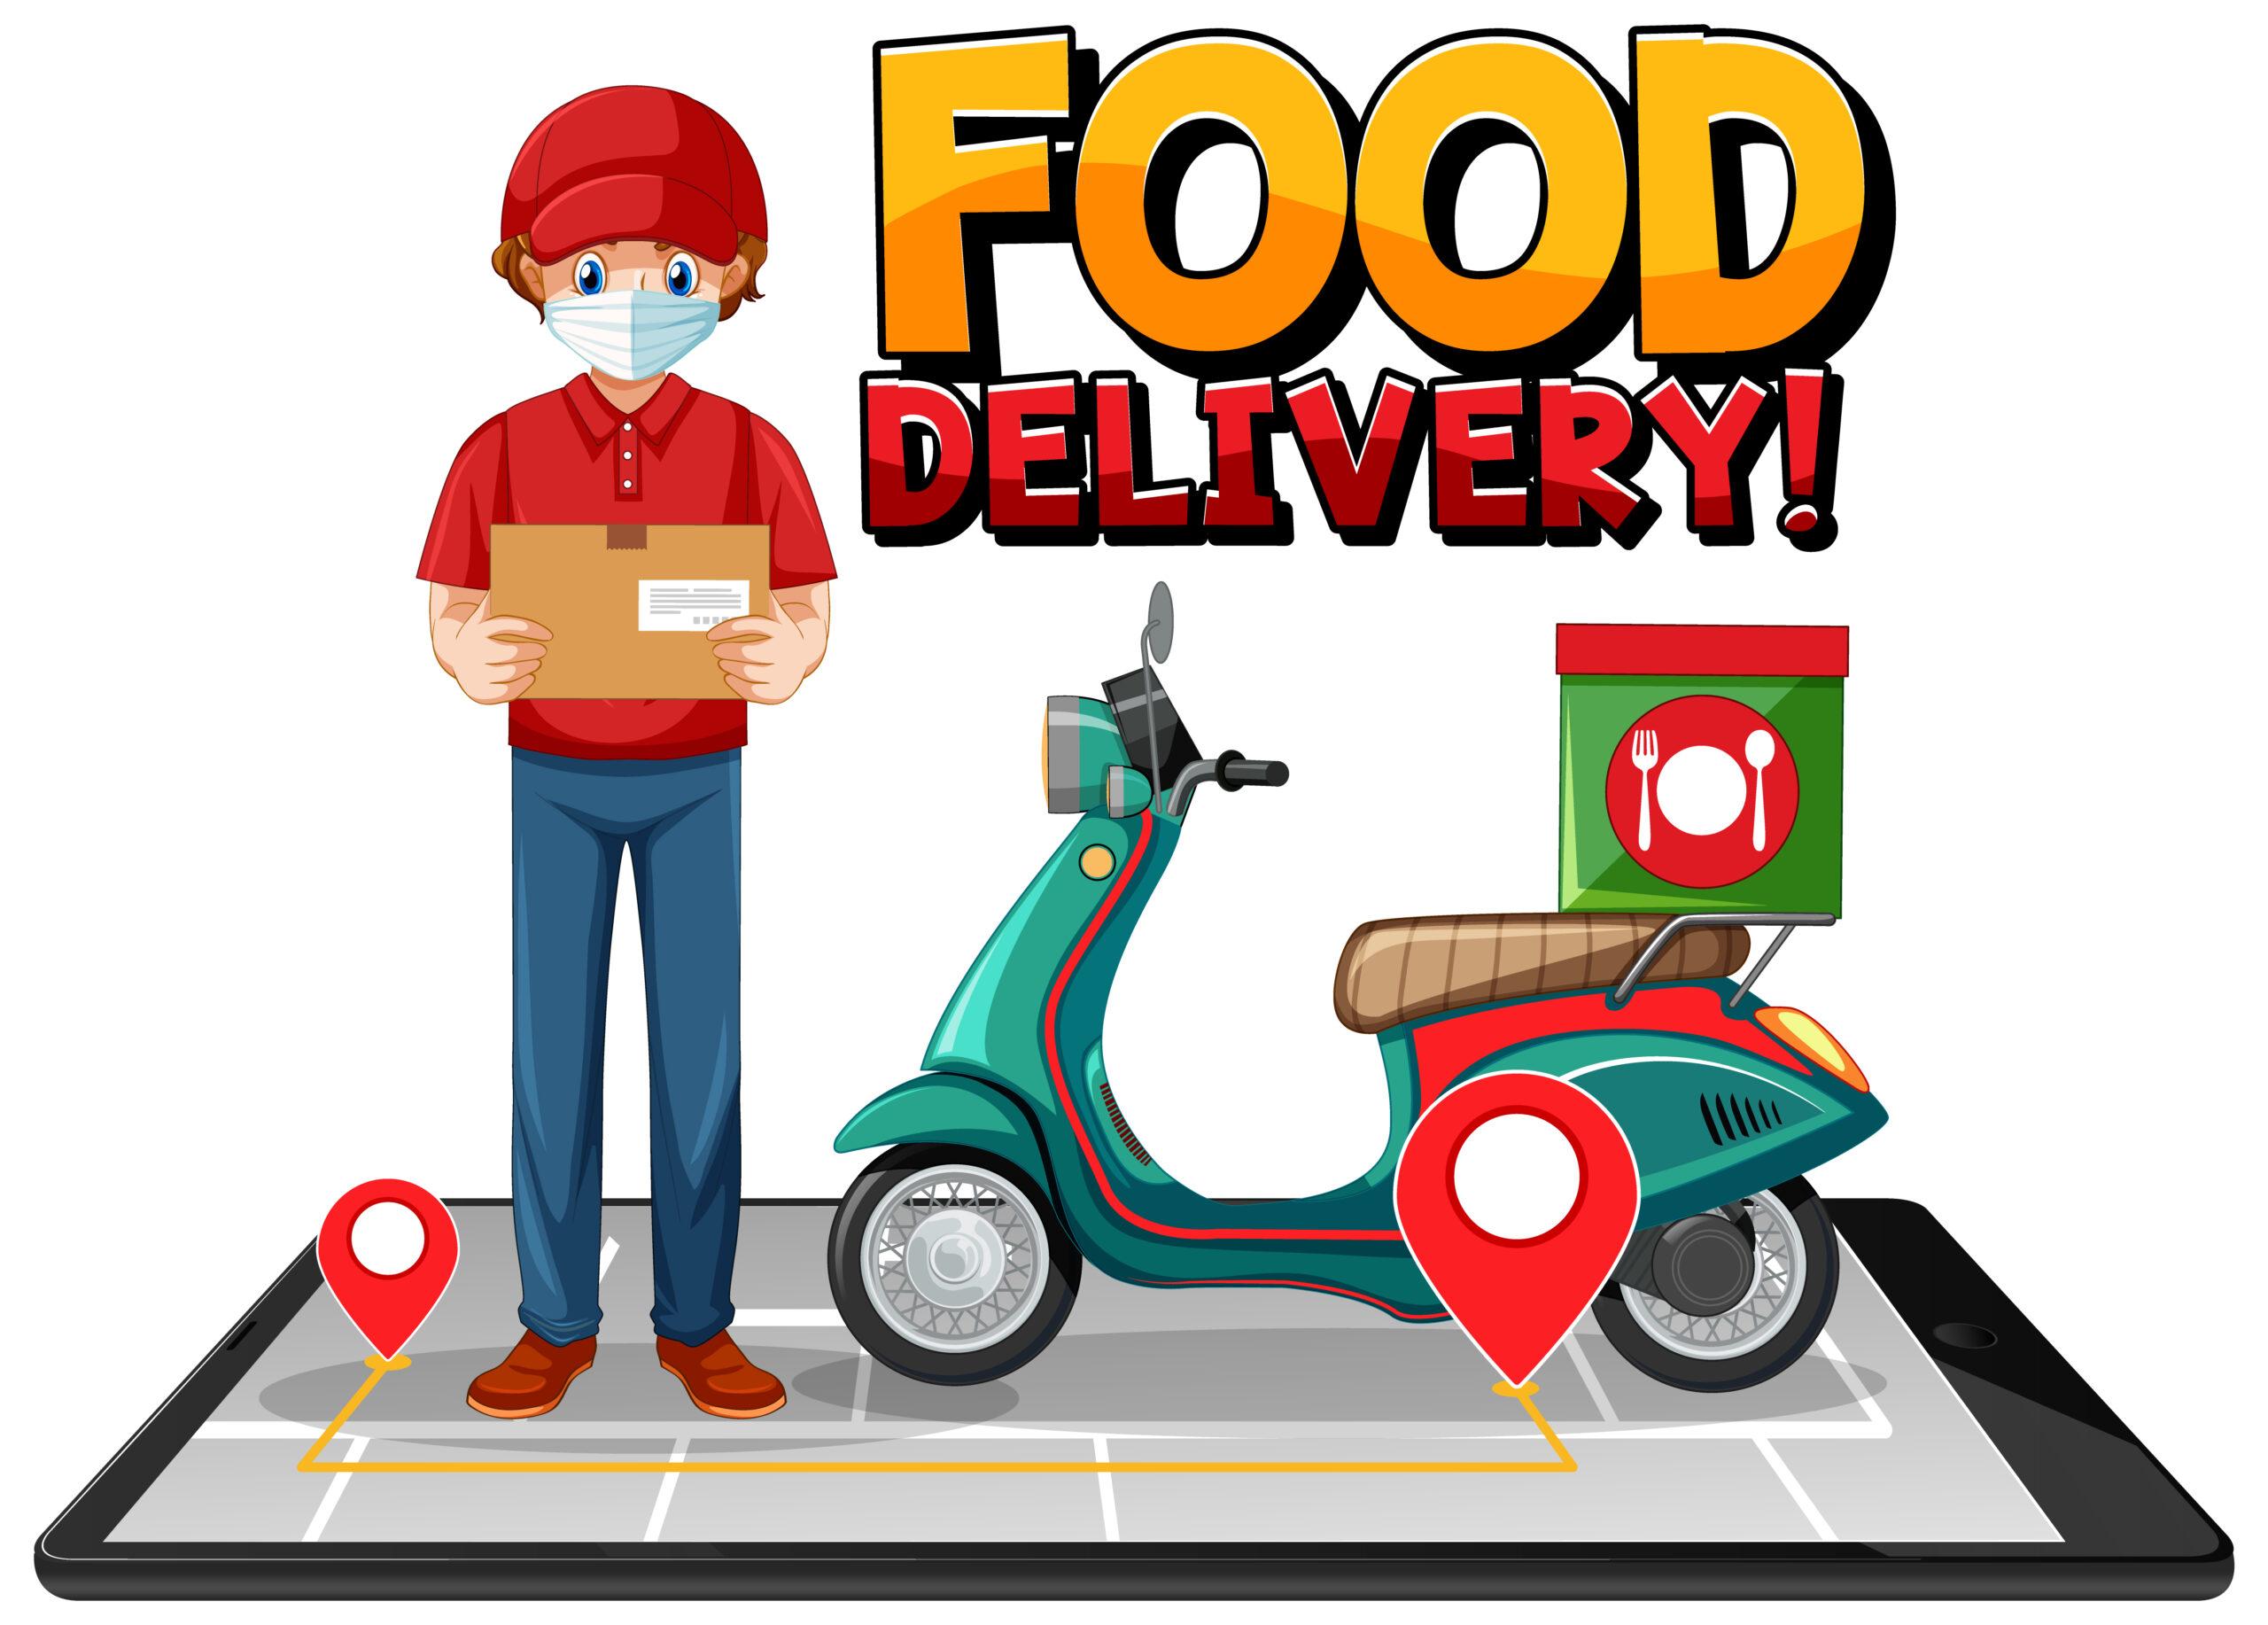 Pomagajmo gostincem z naročili dostave hrane na dom ali v službo